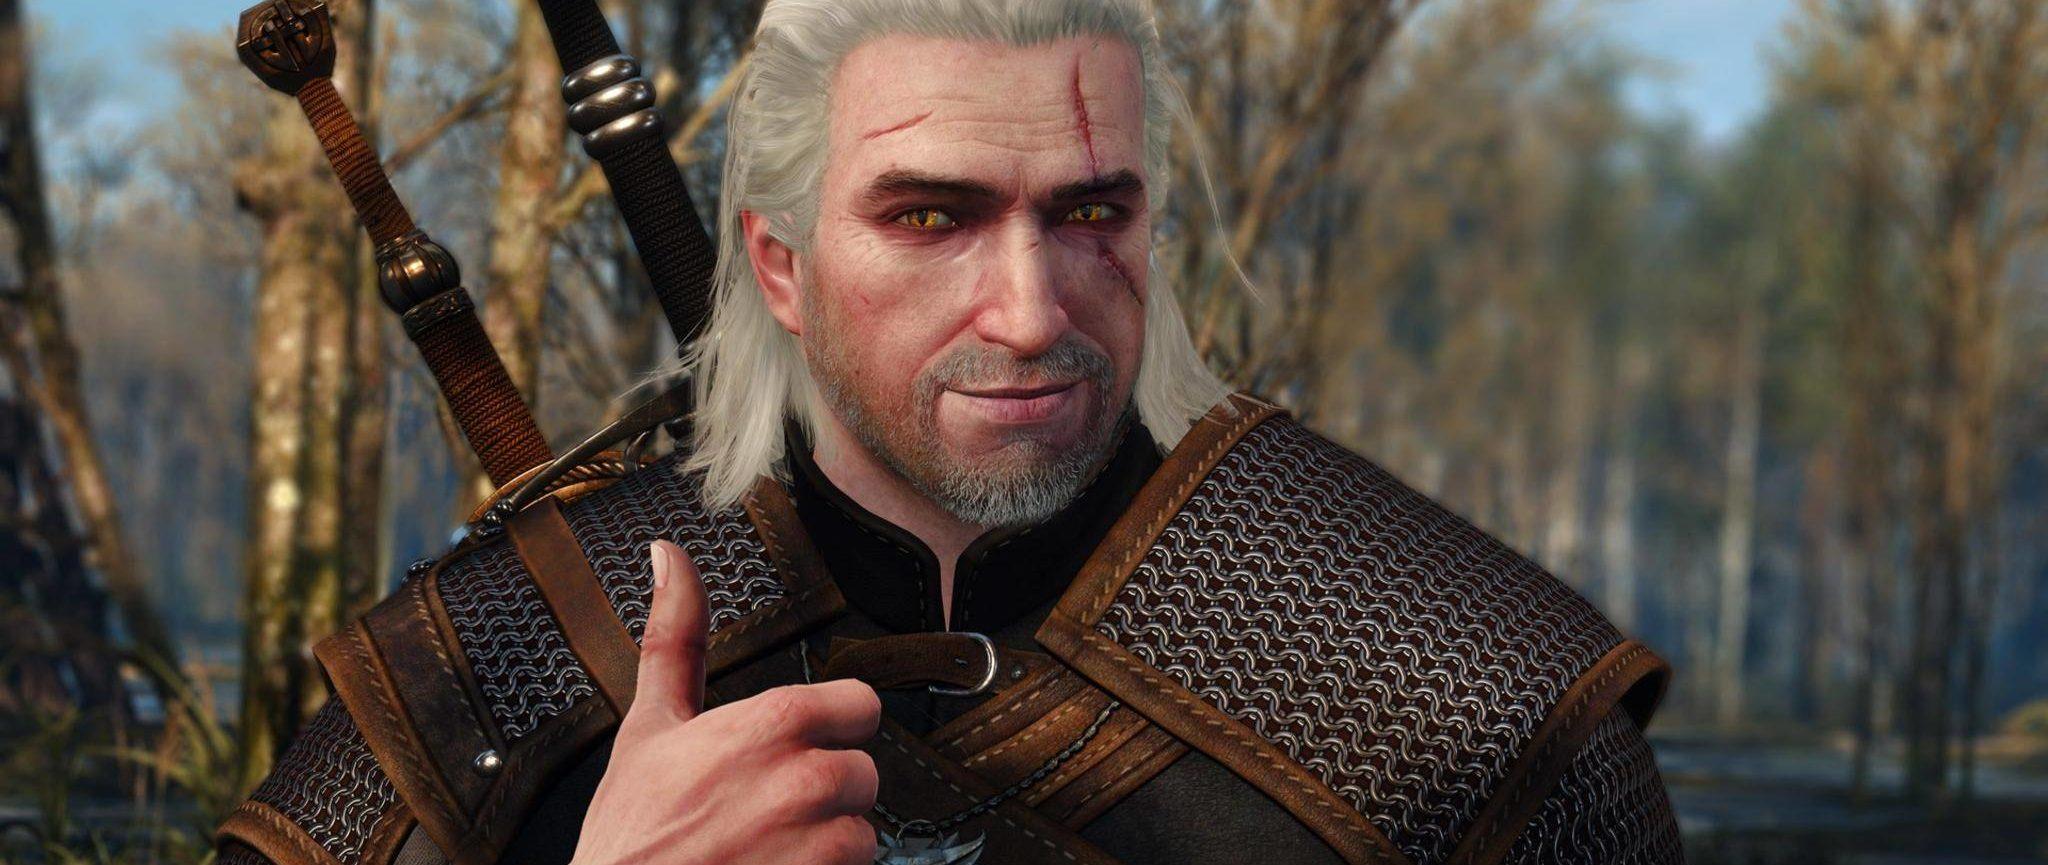 Witcher-3-Geralt-Thumbs-Up-1